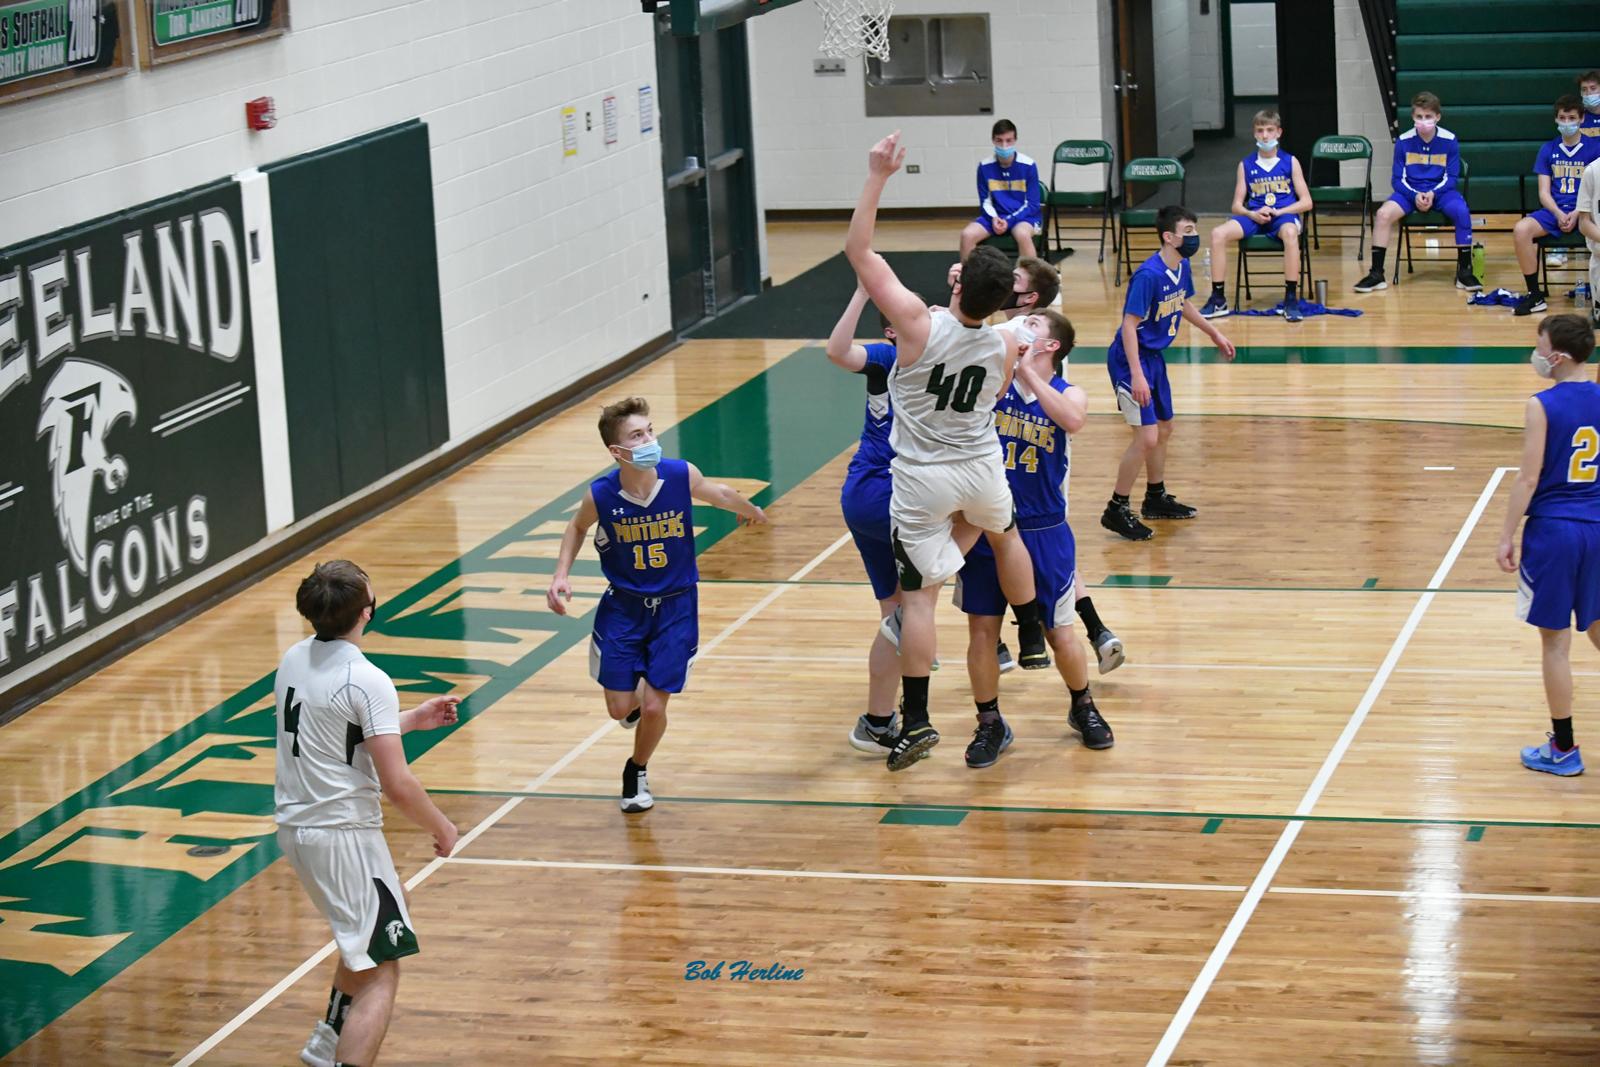 3-11-21 – BOYS JV BASKETBALL – FREELAND HIGH SCHOOL (68) VS. BIRCH RUN HIGH SCHOOL (25)